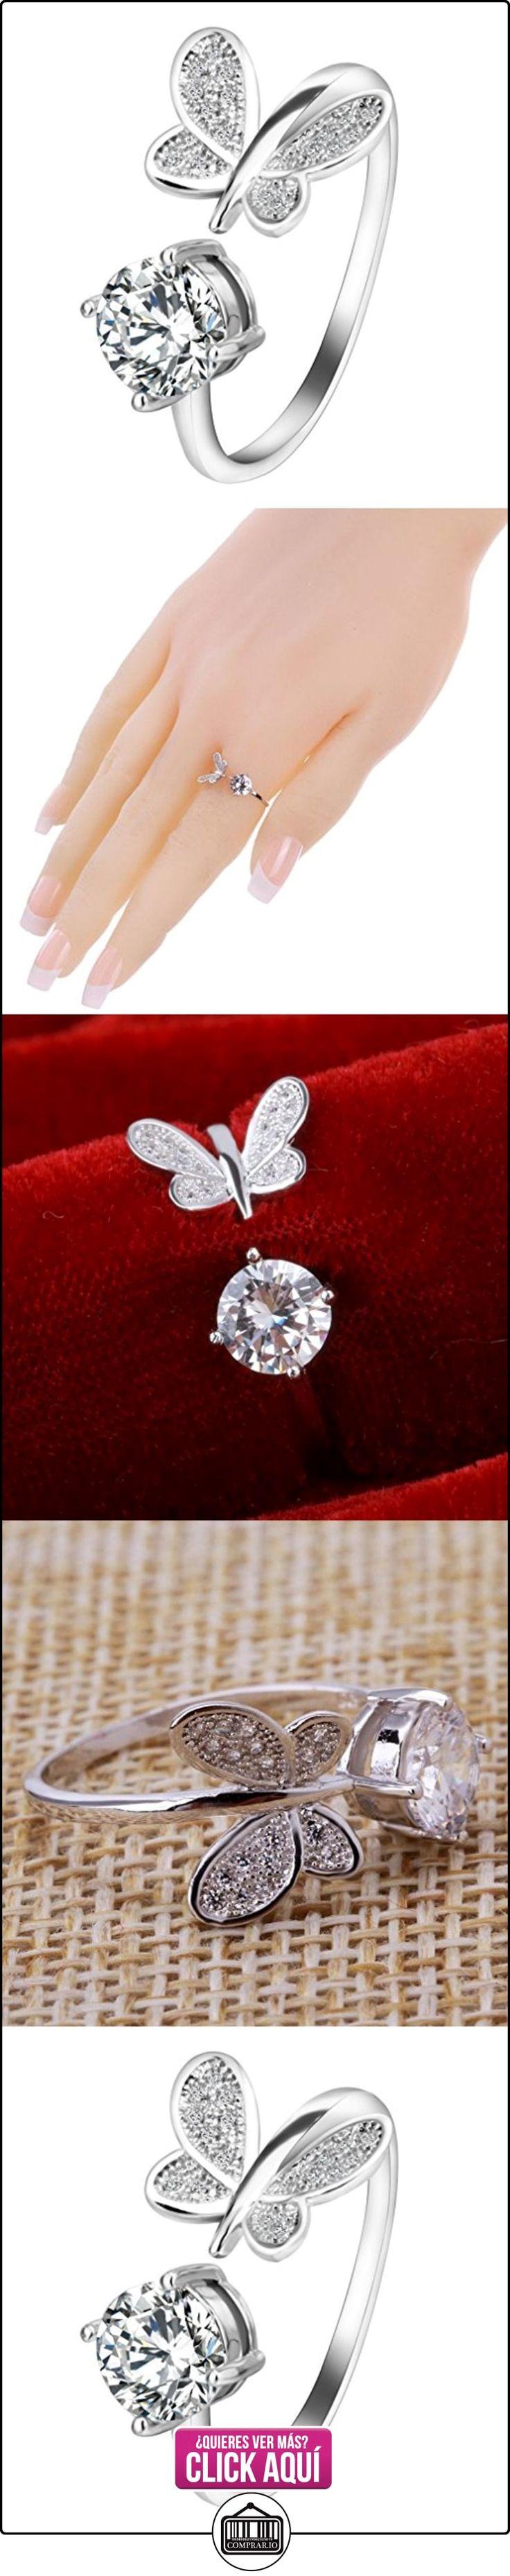 Yazilín clásico 925 de plata esterlina sólida mariposa redonda anillo de apertura ajustable anillo de apertura  ✿ Joyas para mujer - Las mejores ofertas ✿ ▬► Ver oferta: https://comprar.io/goto/B01MYTG998